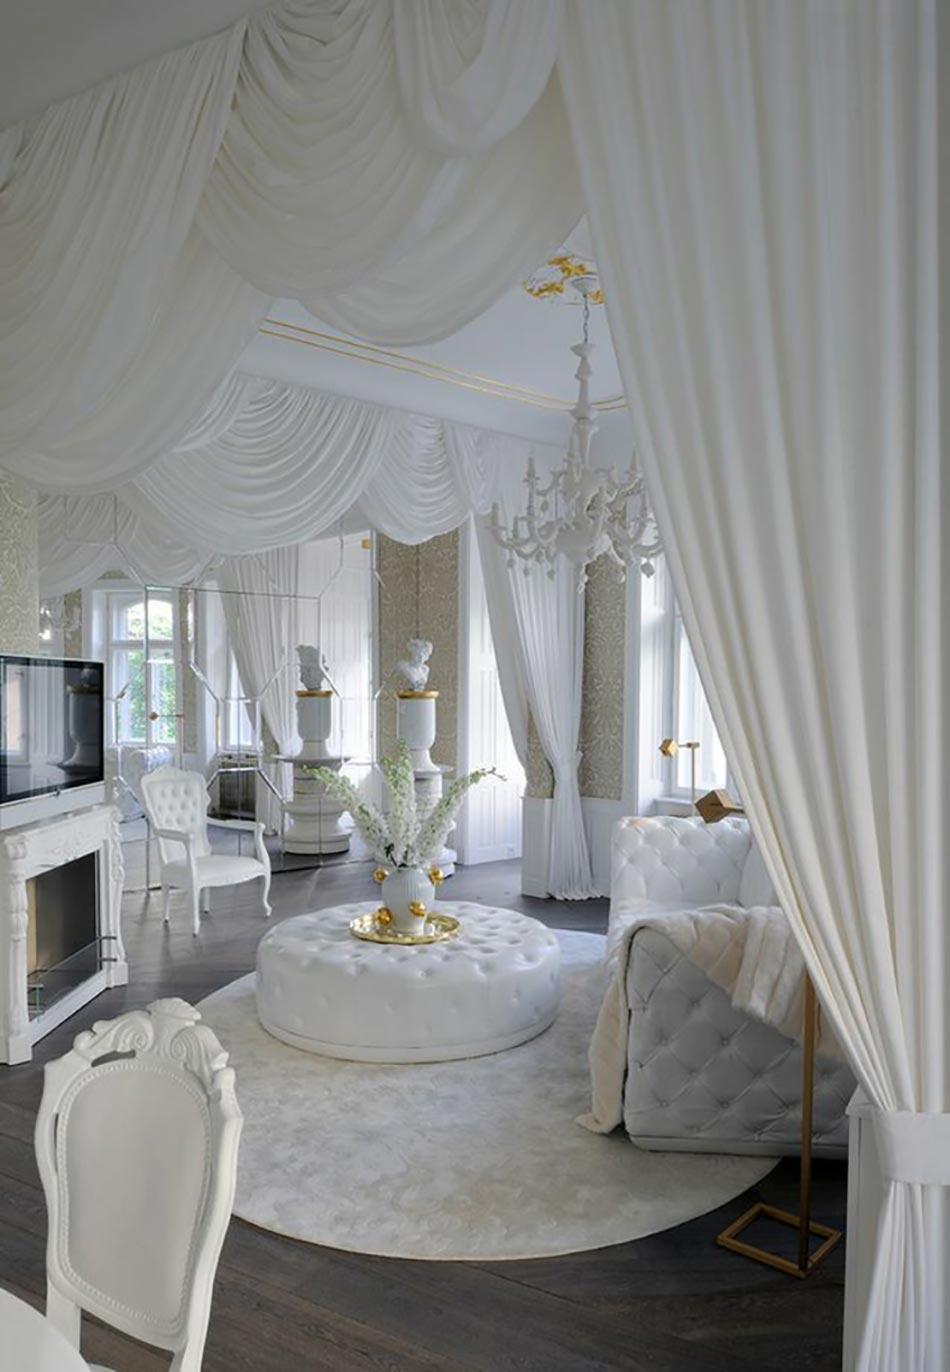 Le blanc en tant que fond parfait pour une d co design for Interieur et design mundolsheim